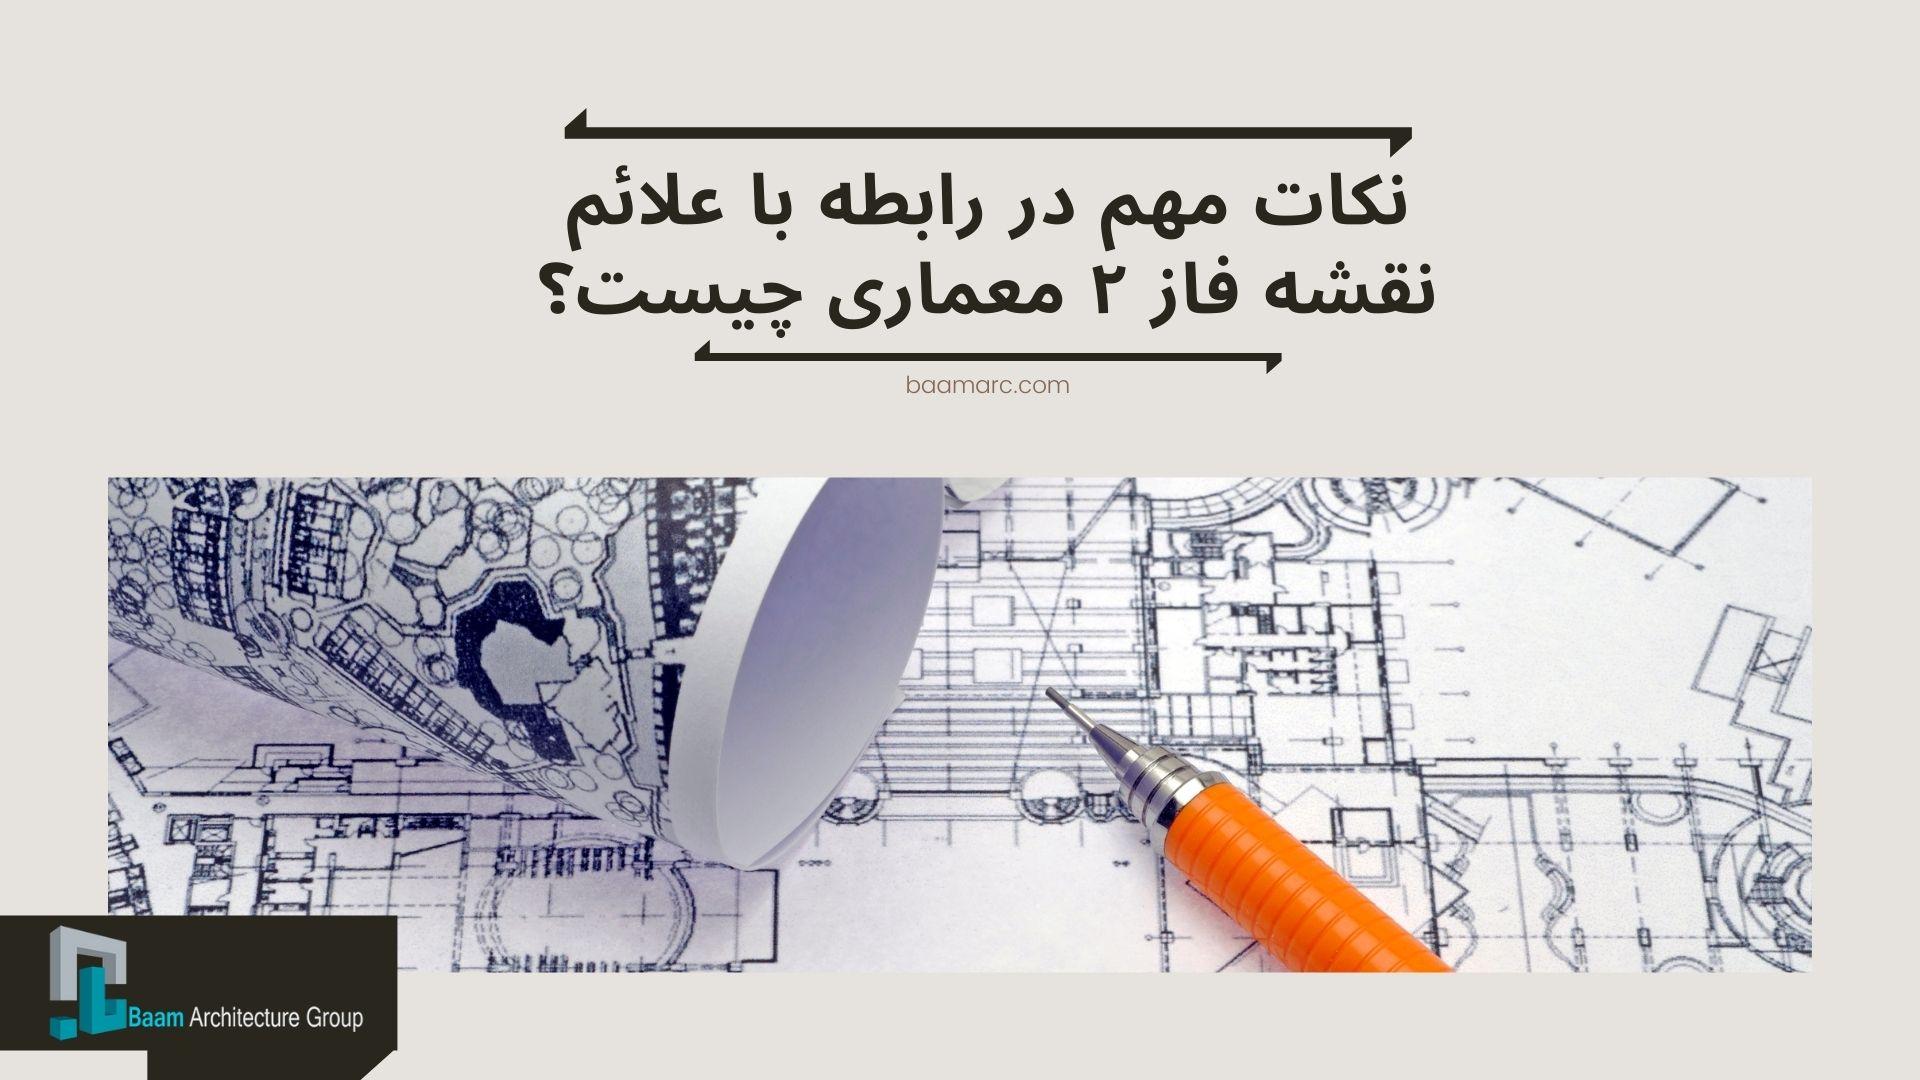 نکات مهم در رابطه با علائم نقشه فاز ۲ معماری چیست؟